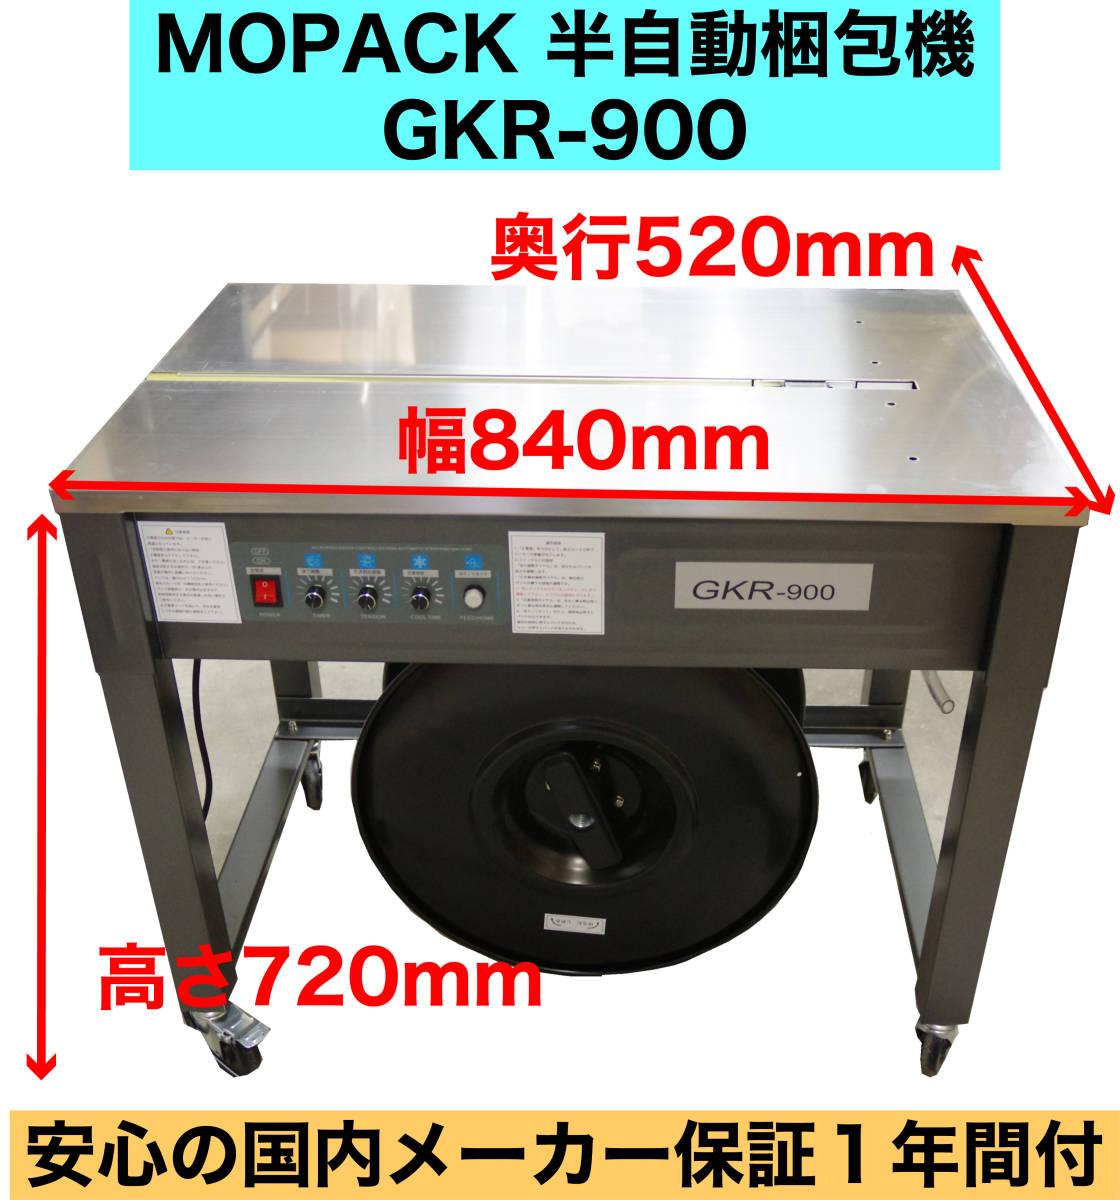 半自動梱包機 PPバンド結束機 1年間国内メーカー保証付き 新品 GKR-900 株式会社グランテクノ 中古より安心!